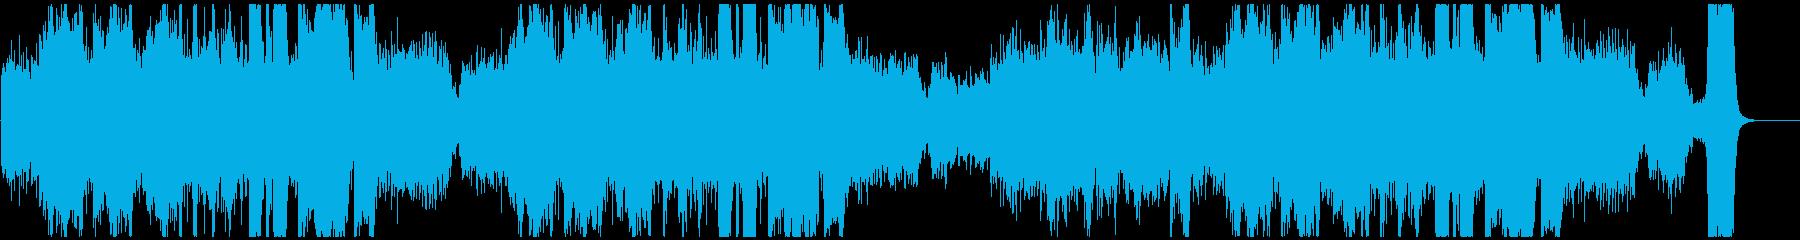 勢いあるバトルオーケストラ/メロディ抜きの再生済みの波形